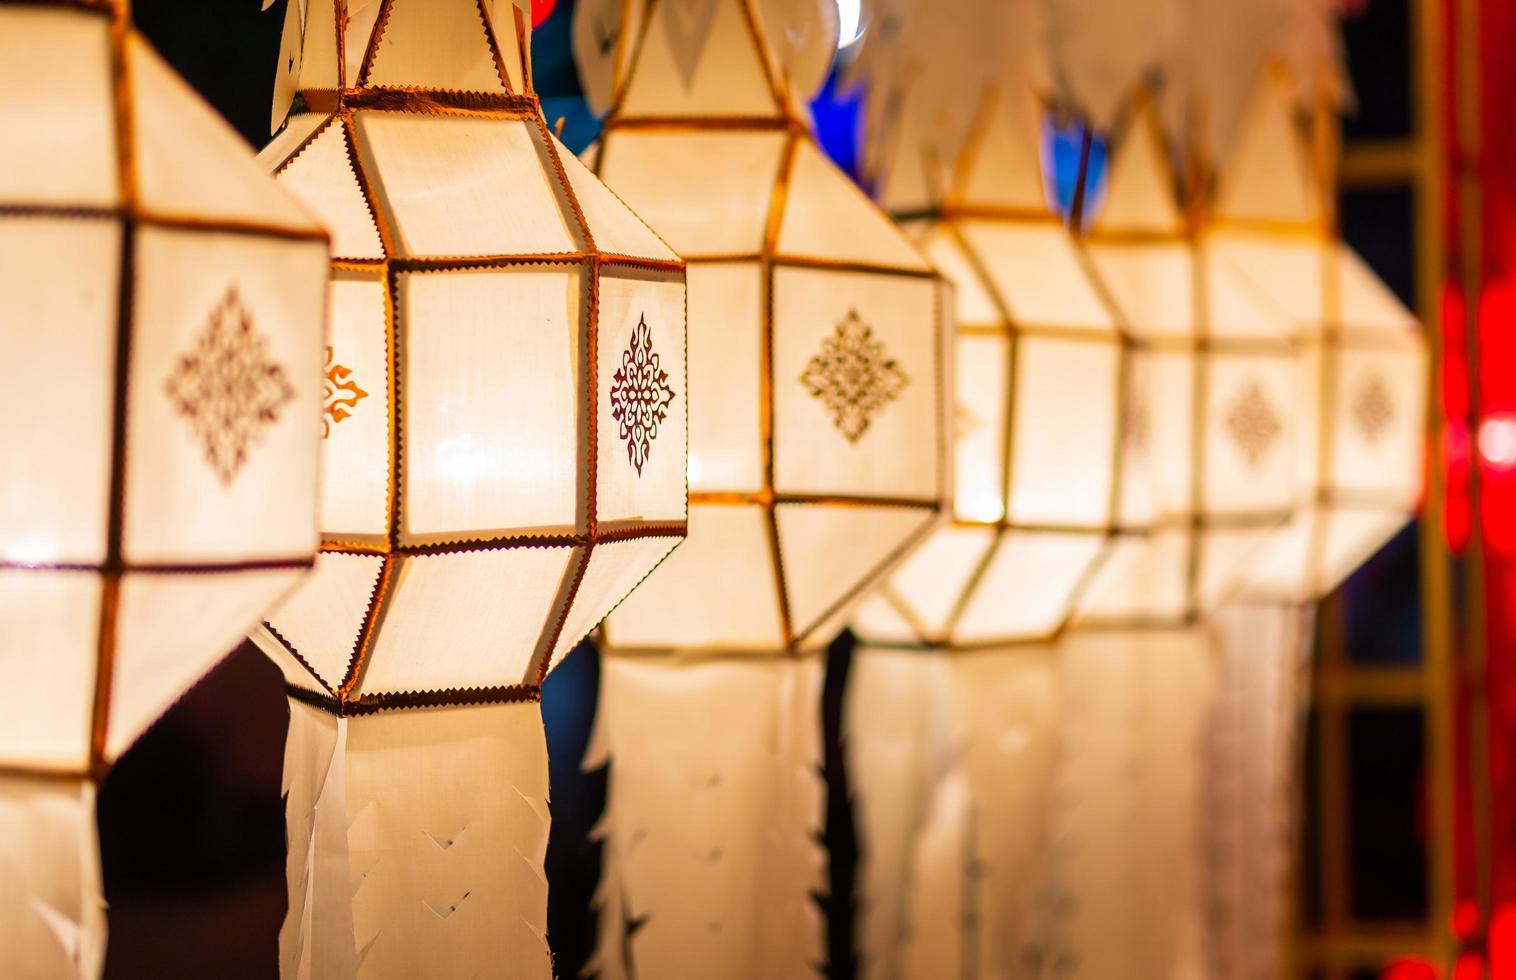 uma série de lanternas nanna enchem o salão do festival na Tailândia foto